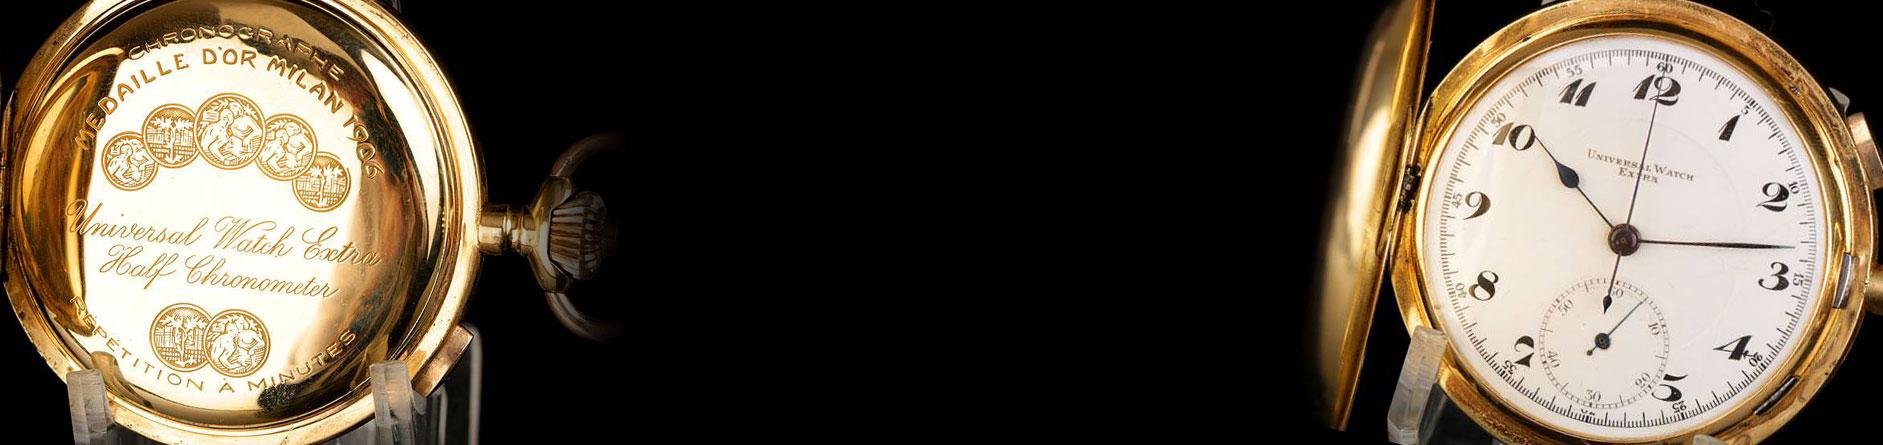 Reloj Bolsillo oro 18K Unversal Minutos